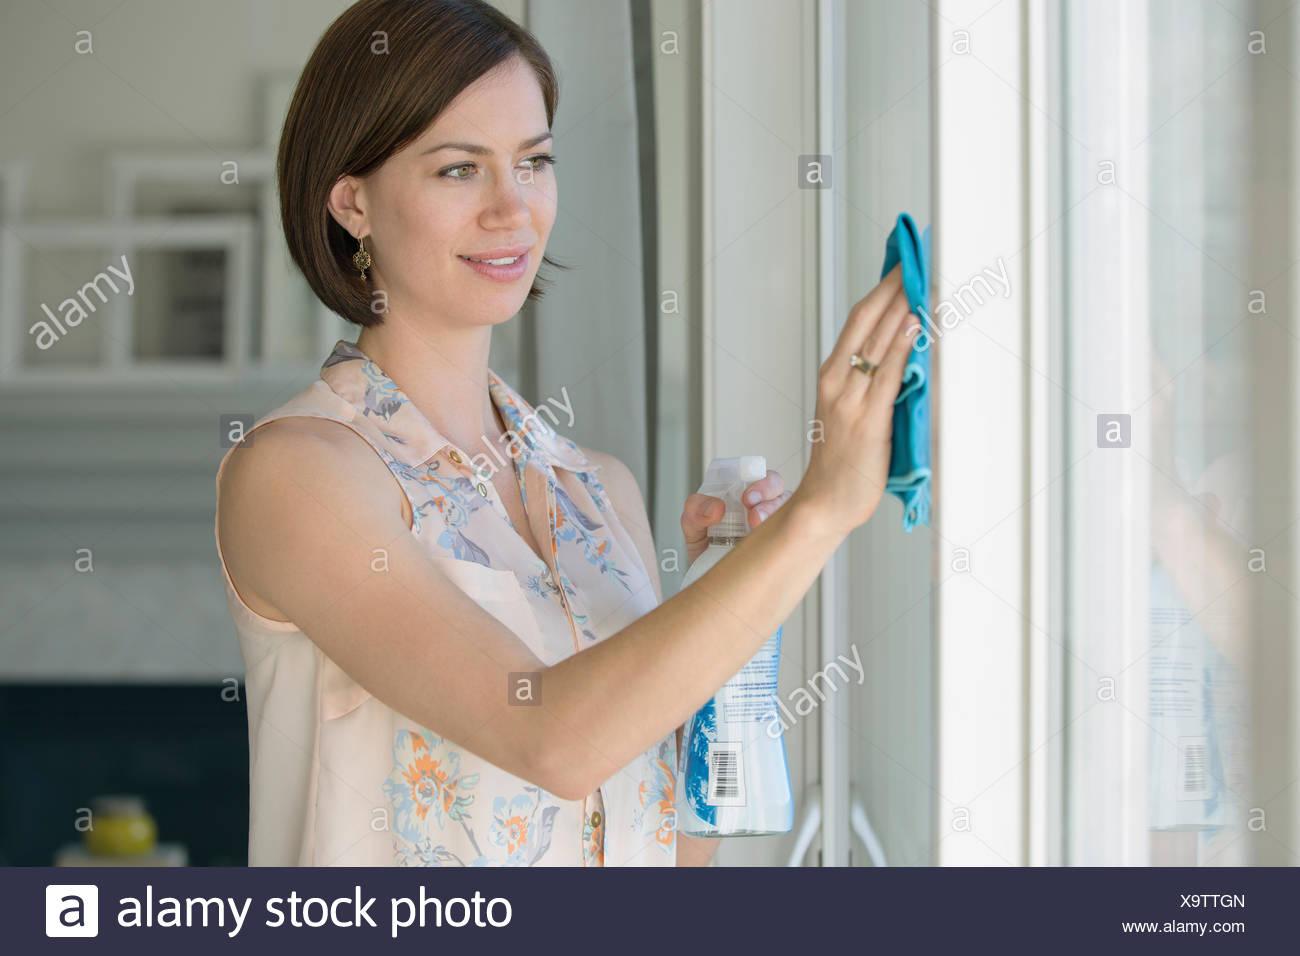 Mid-Adult Woman Wäsche weiß Wände im Haus. Stockbild